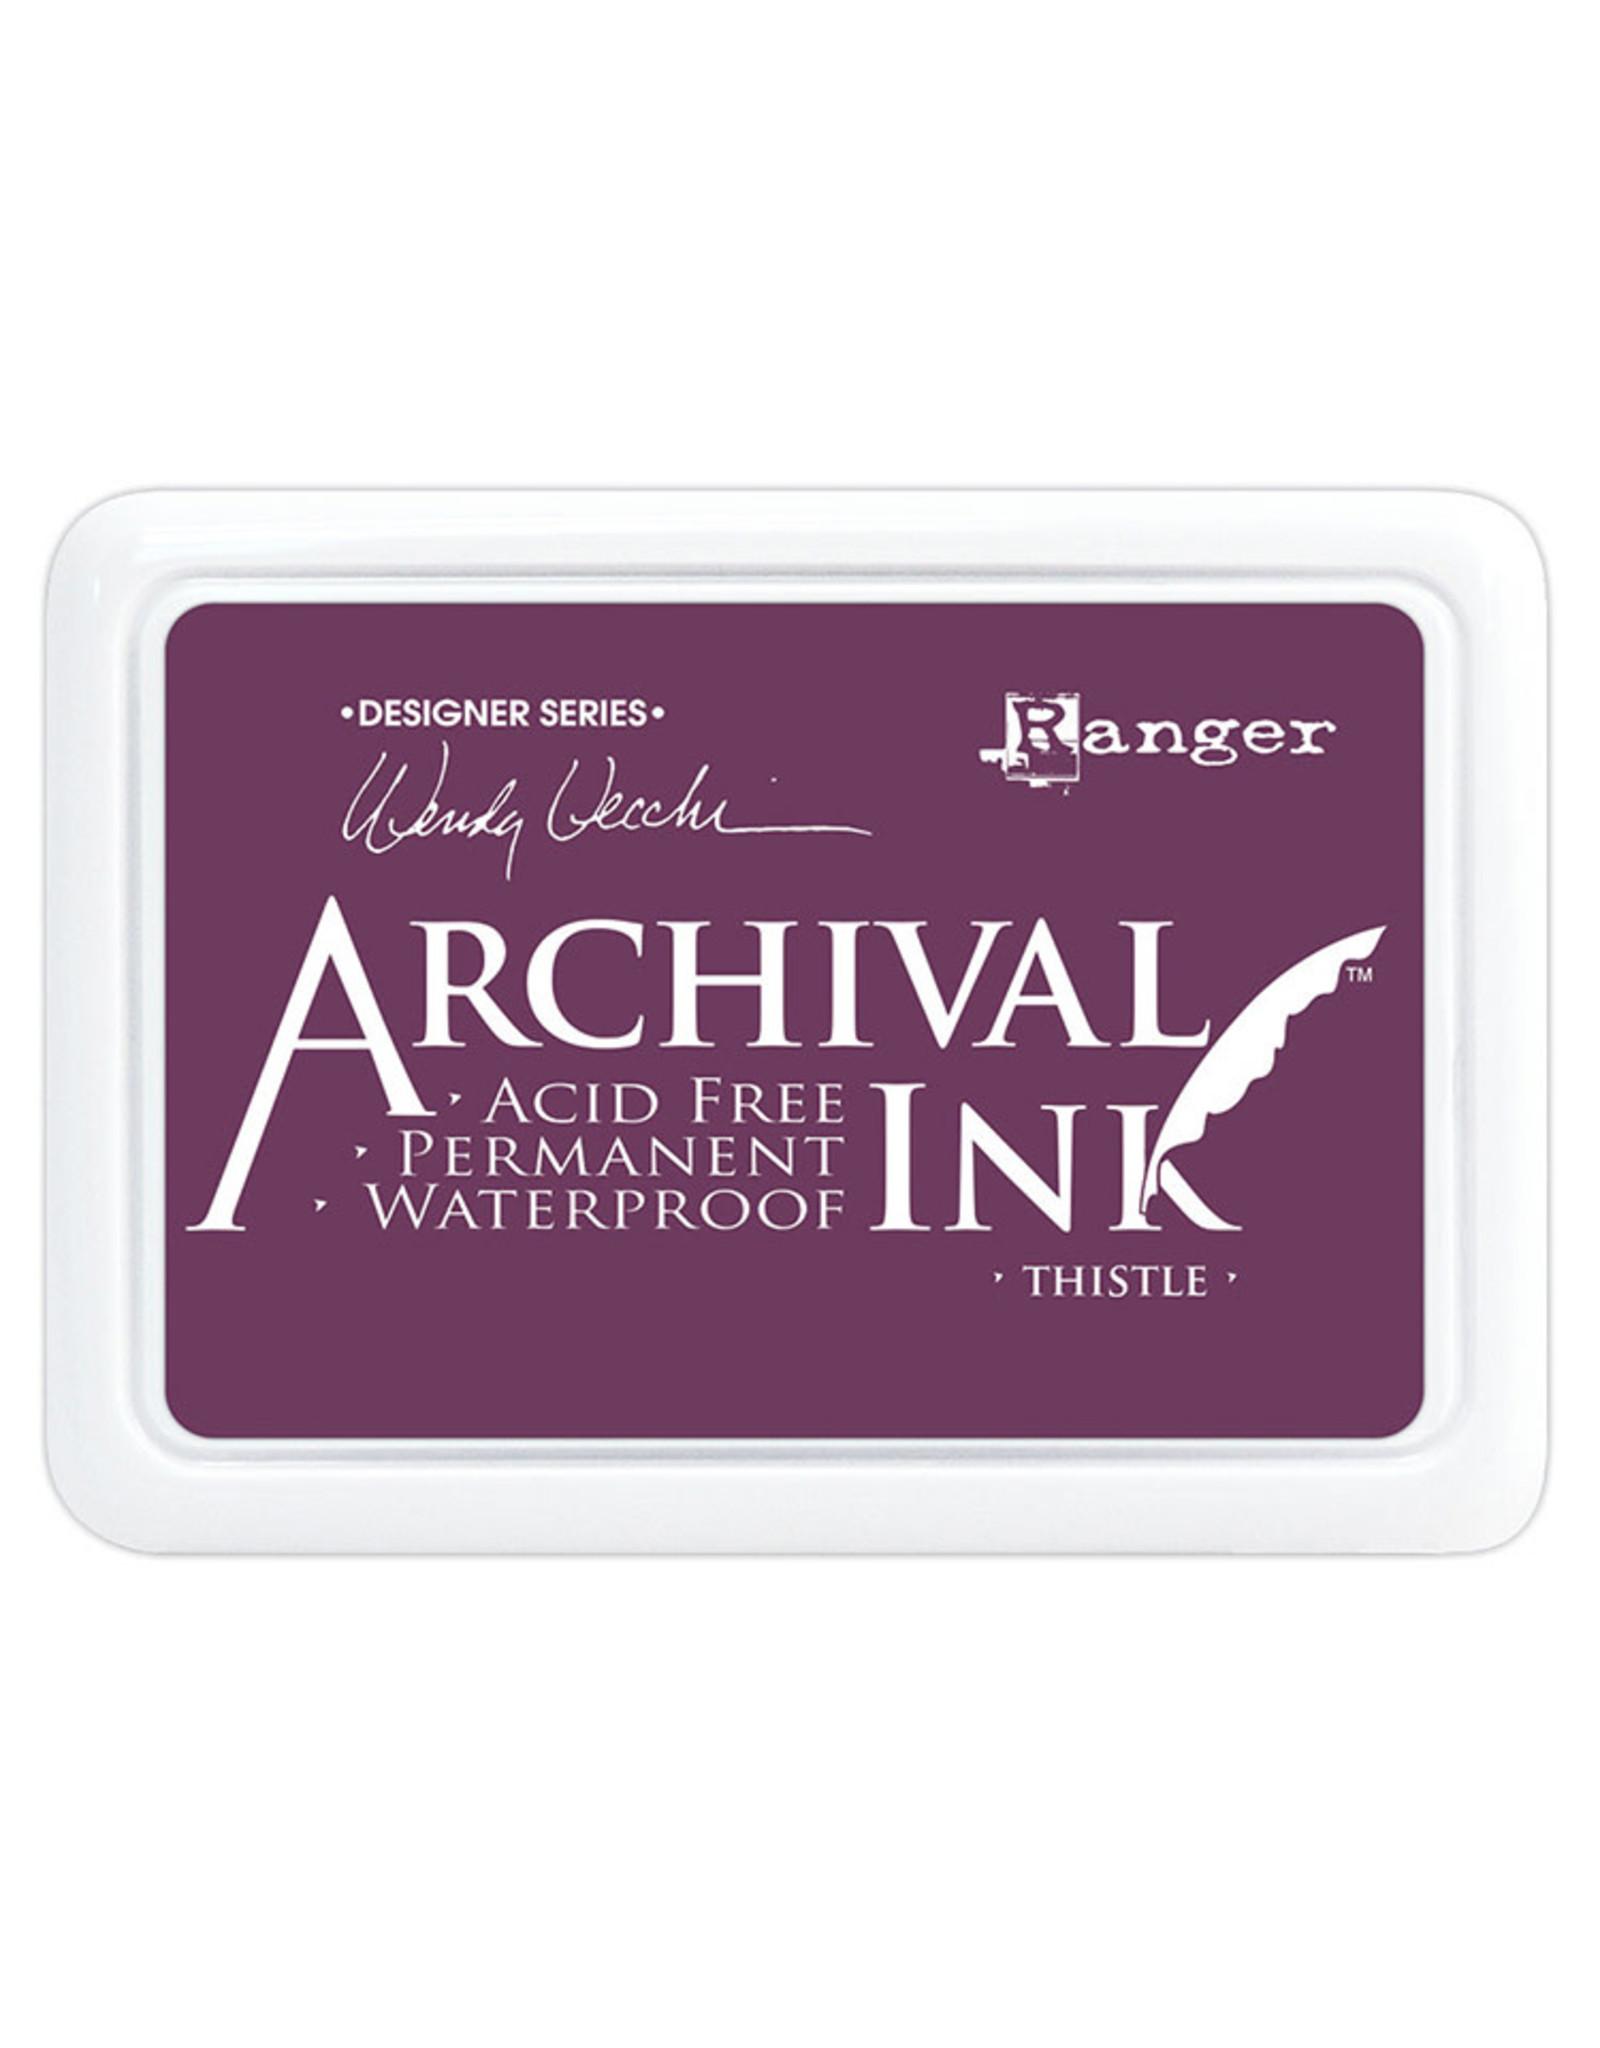 Ranger Archival Ink - Thistle